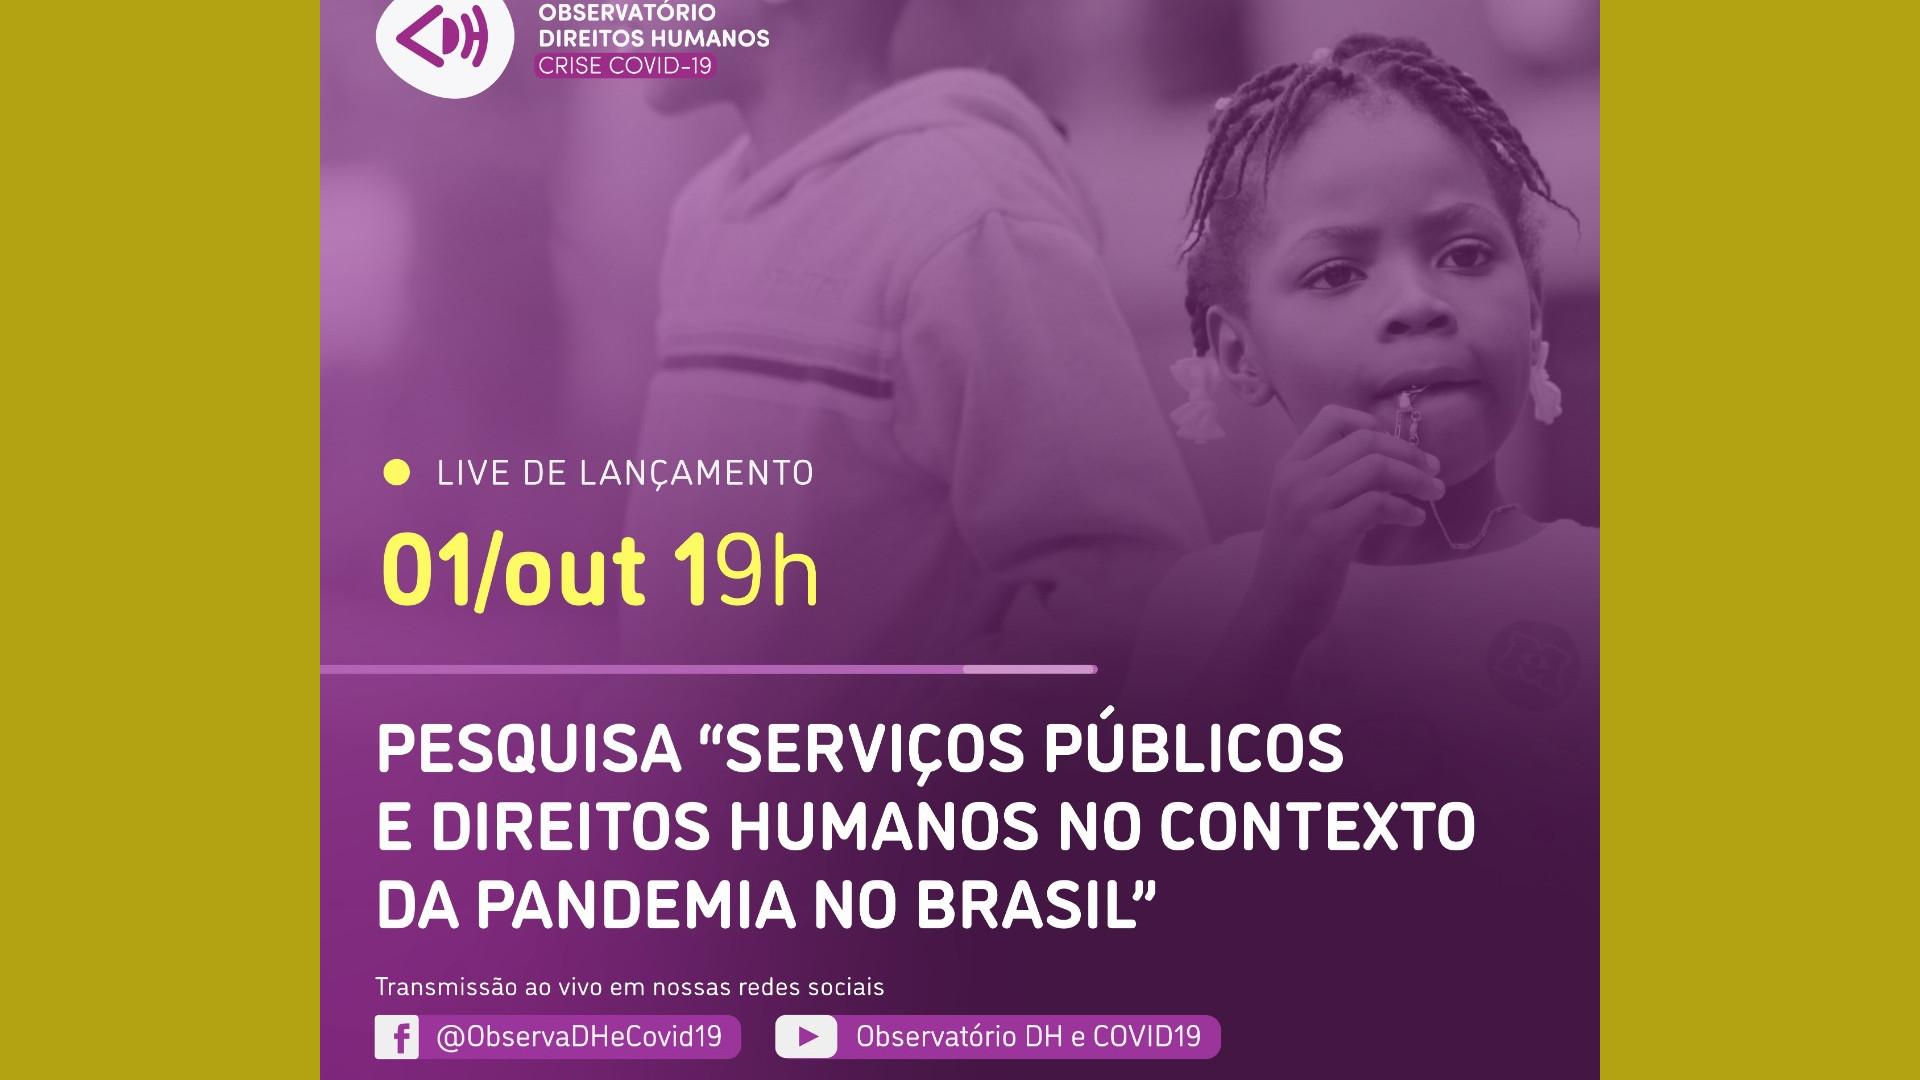 #LiveObservaDH lança pesquisa sobre os impactos da pandemia para os serviços públicos e direitos humanos